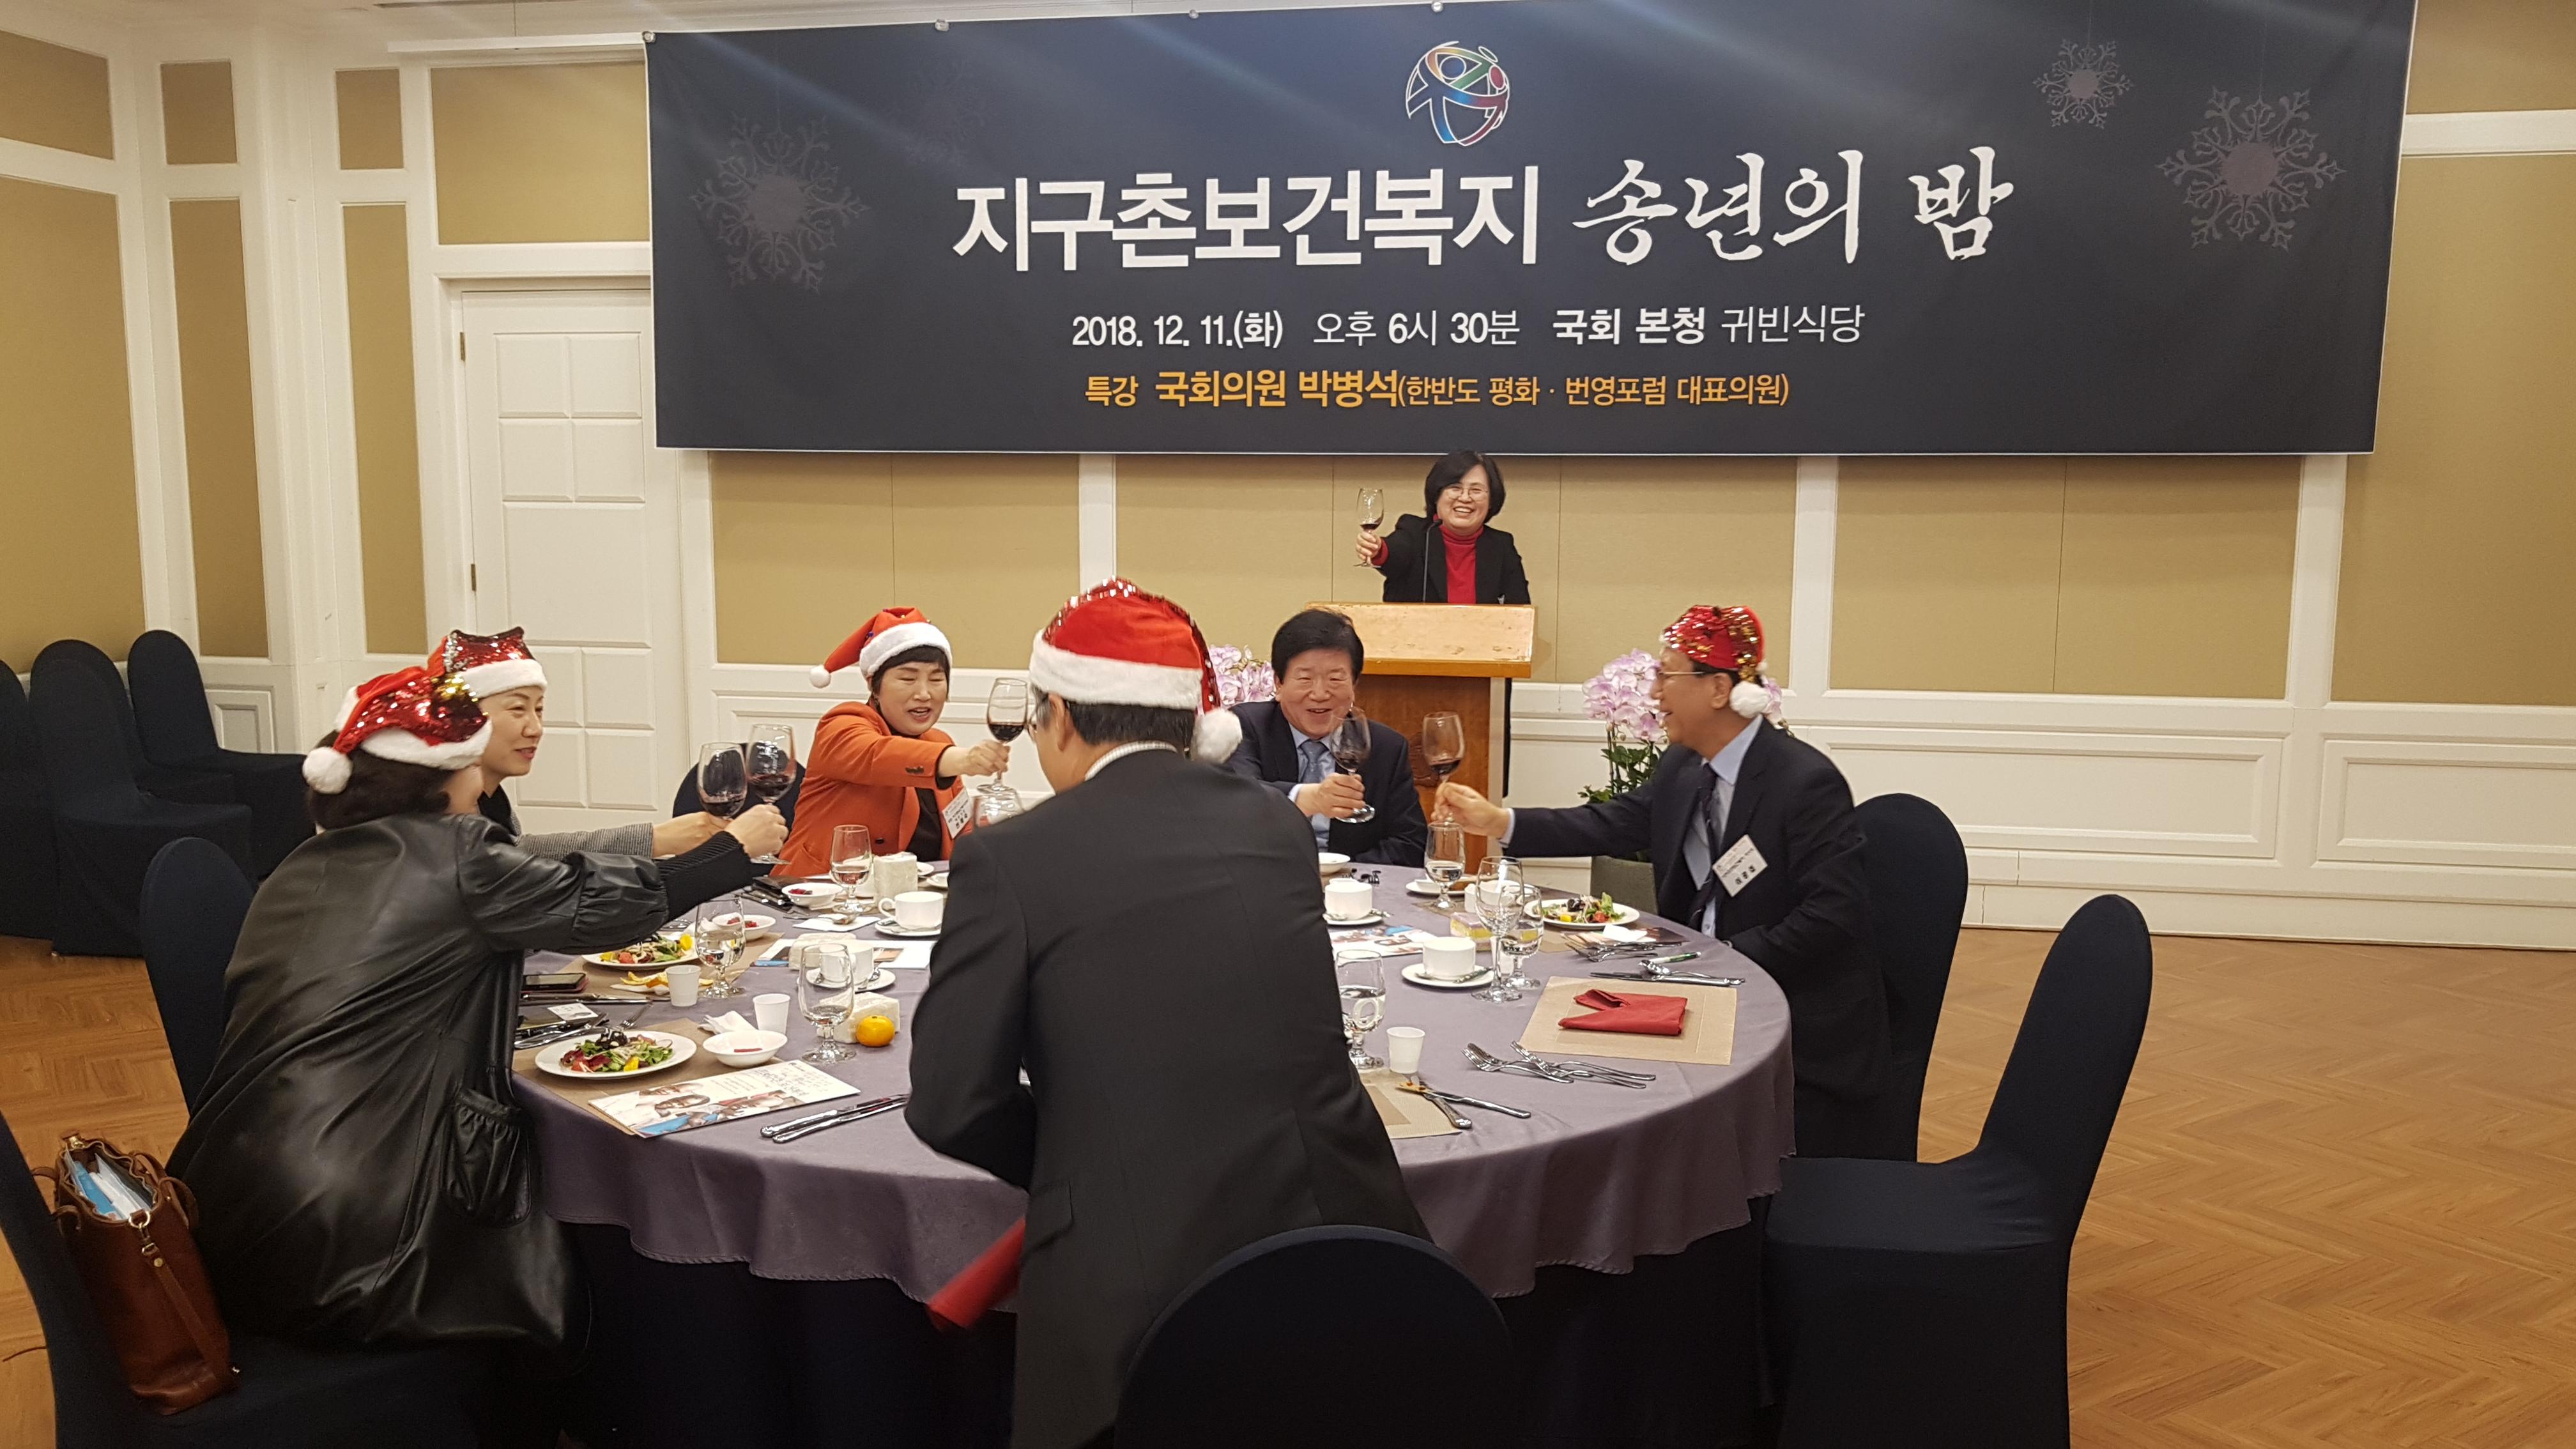 2018년 (사)지구촌보건복지 송년?후원의 밤 참석_3